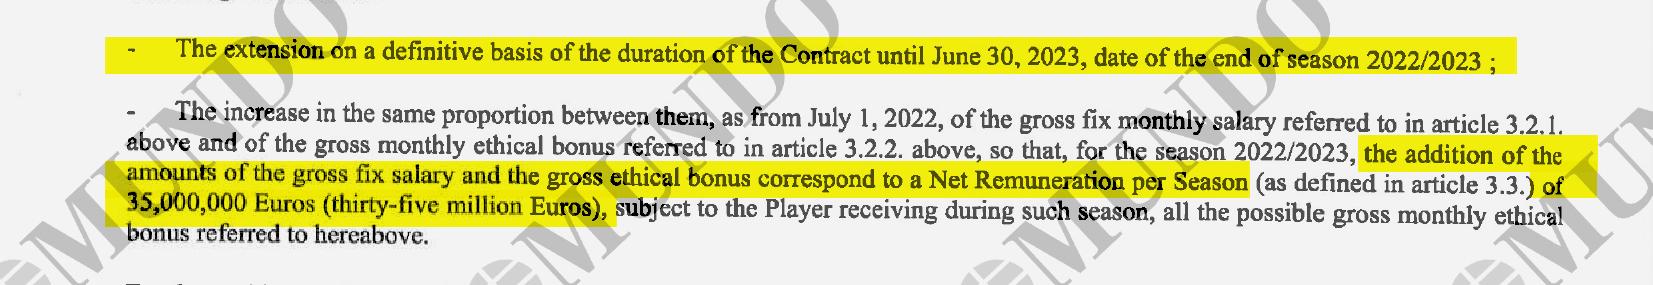 El documento refleja el incremento salarial en caso de seguir una sexta temporada.